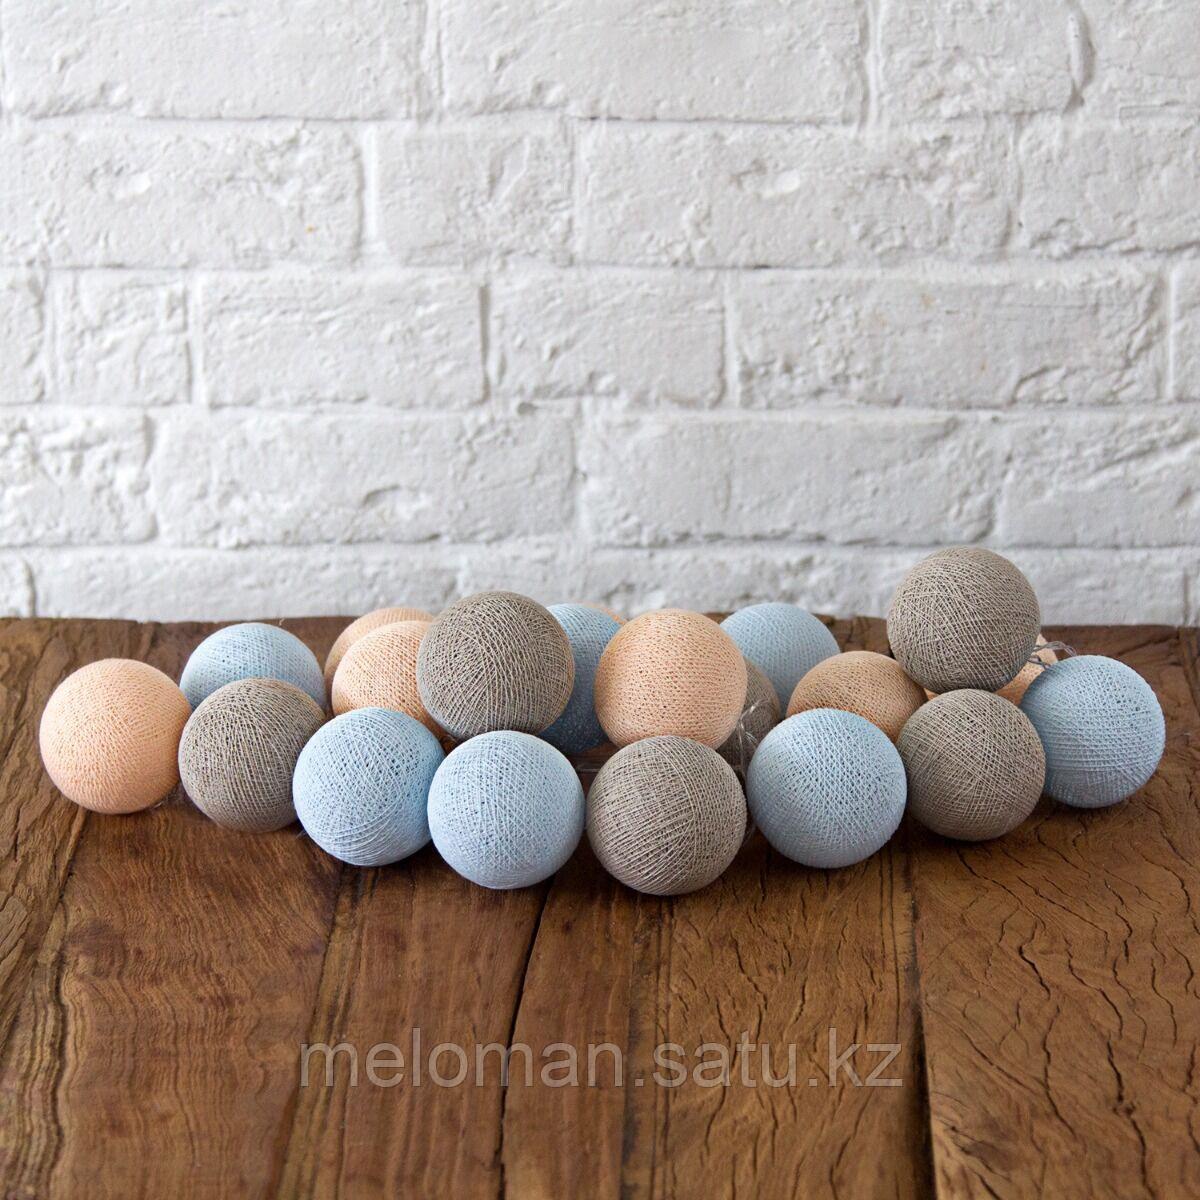 Гирлянда декоративная Мила 20 шаров/сеть - фото 1